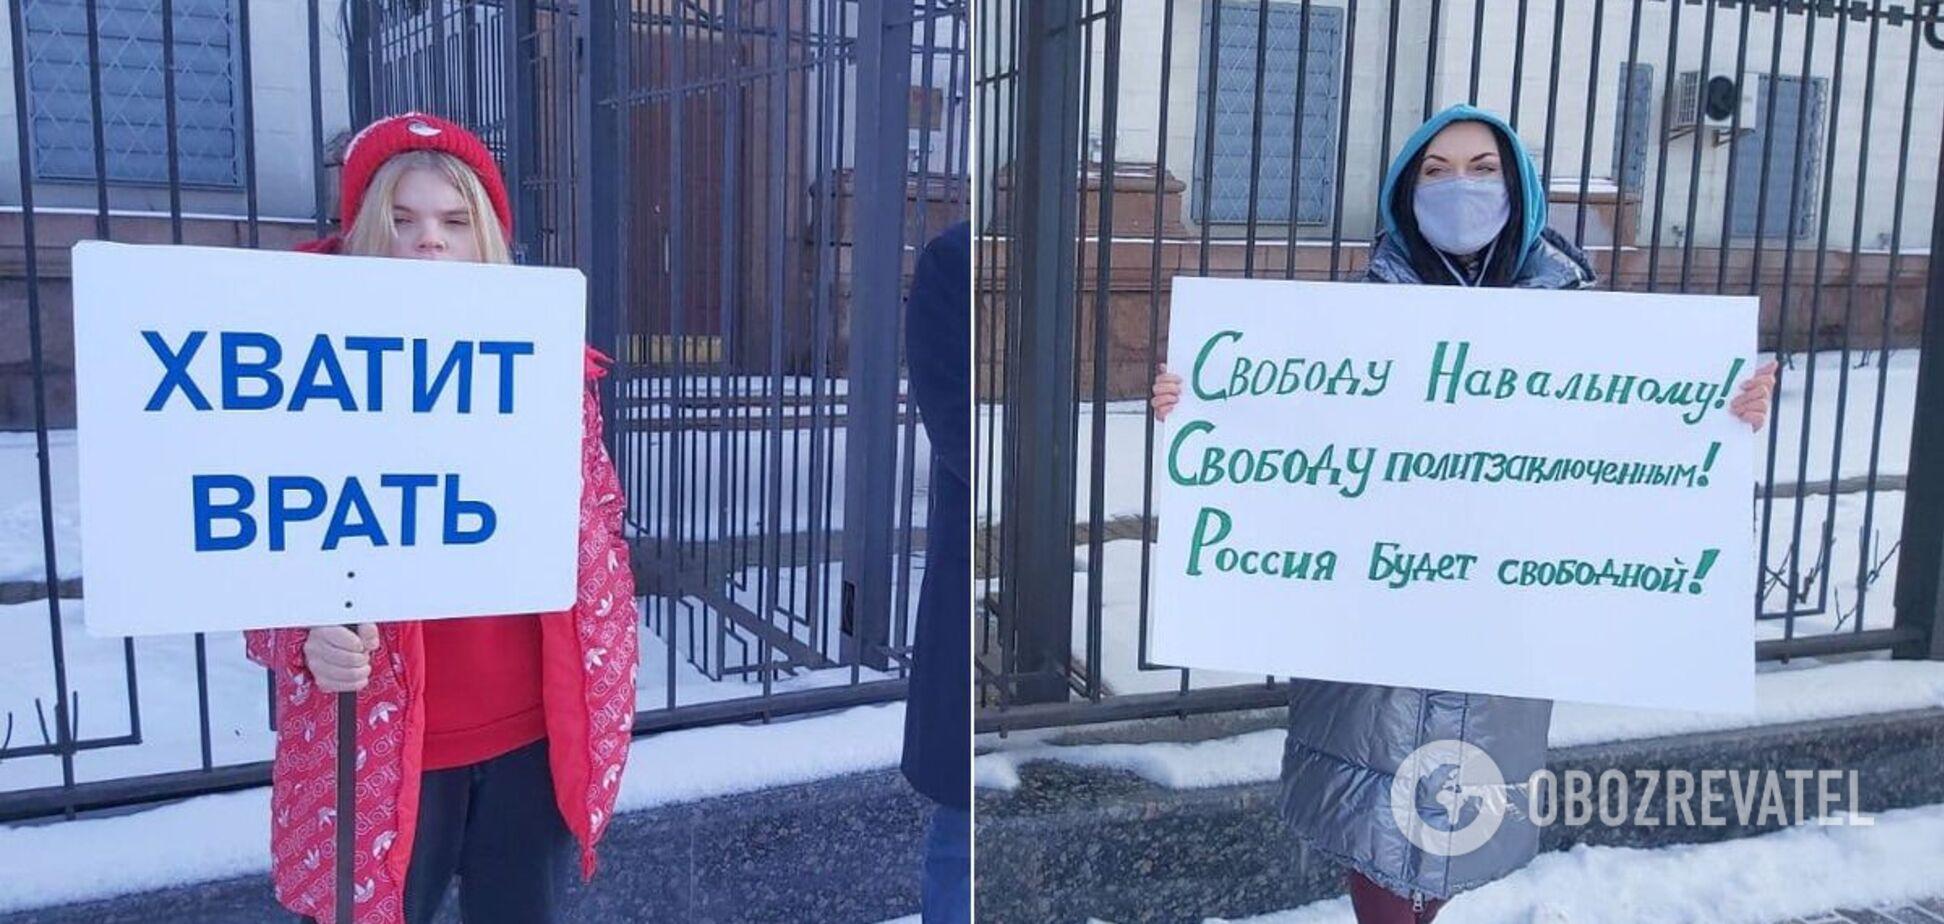 Состоялась акция в поддержку Навального